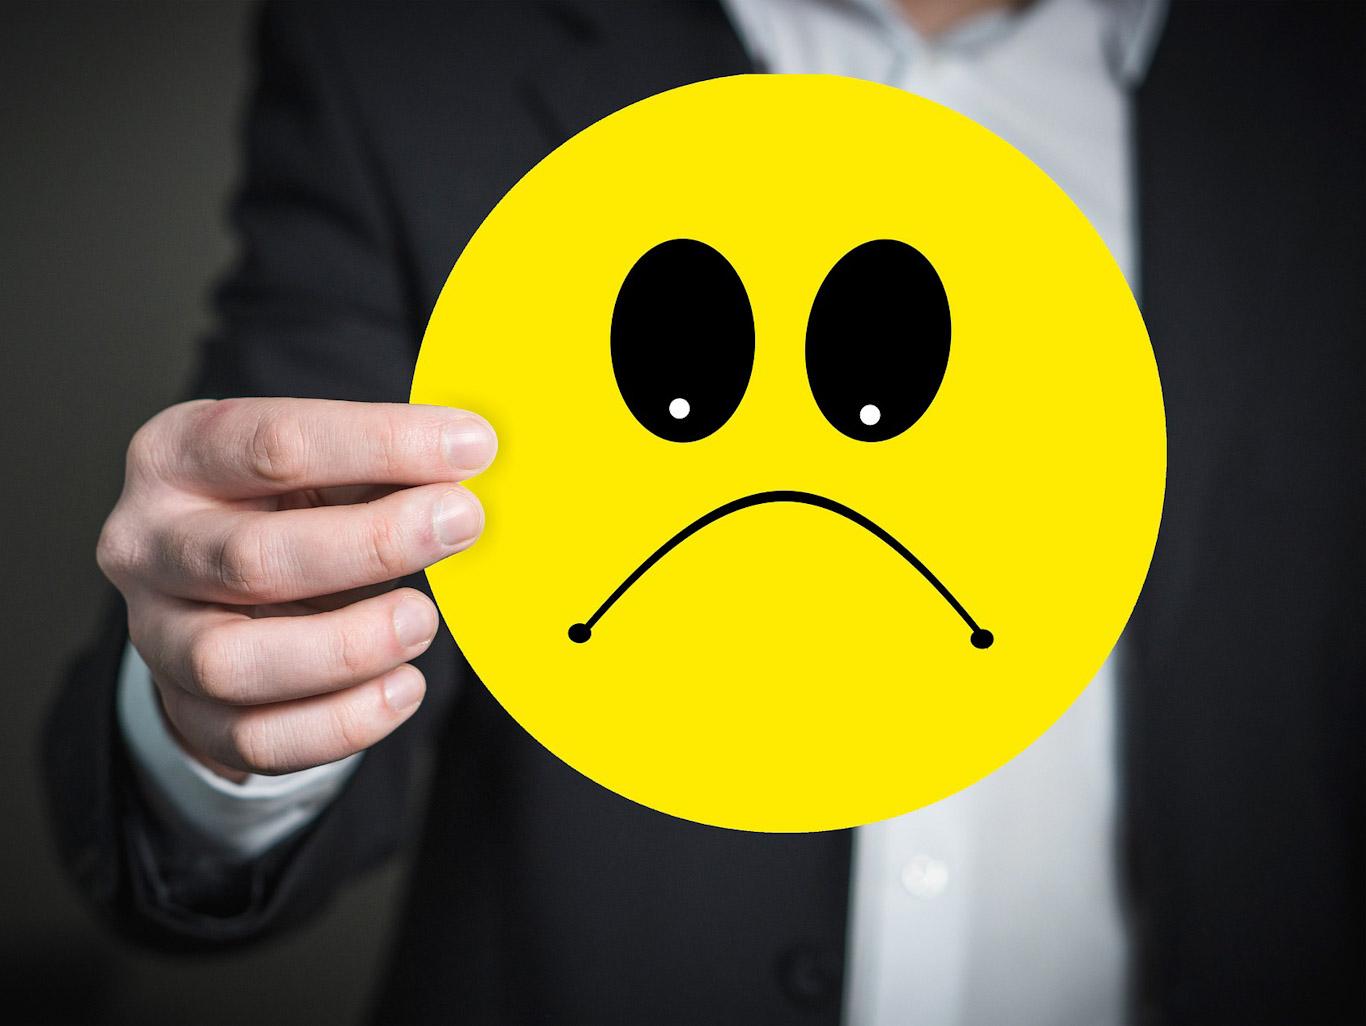 Как избавиться от плохого настроения. Причины и способы улучшения